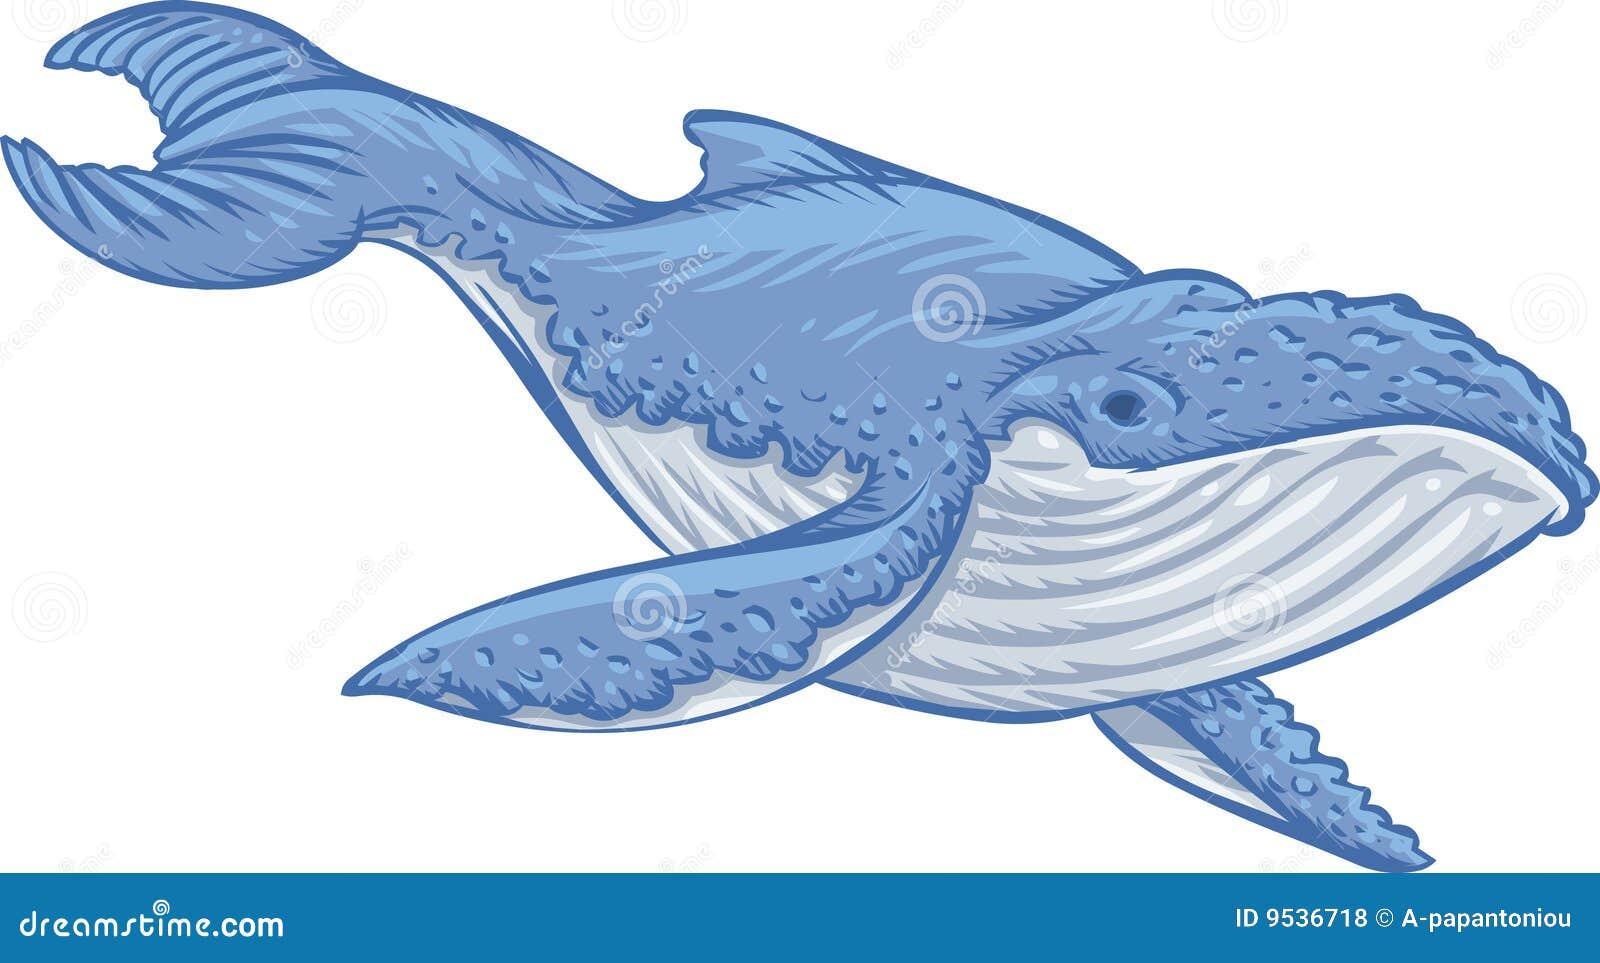 Lujoso Colorear Ballena Azul Modelo - Dibujos Para Colorear En Línea ...